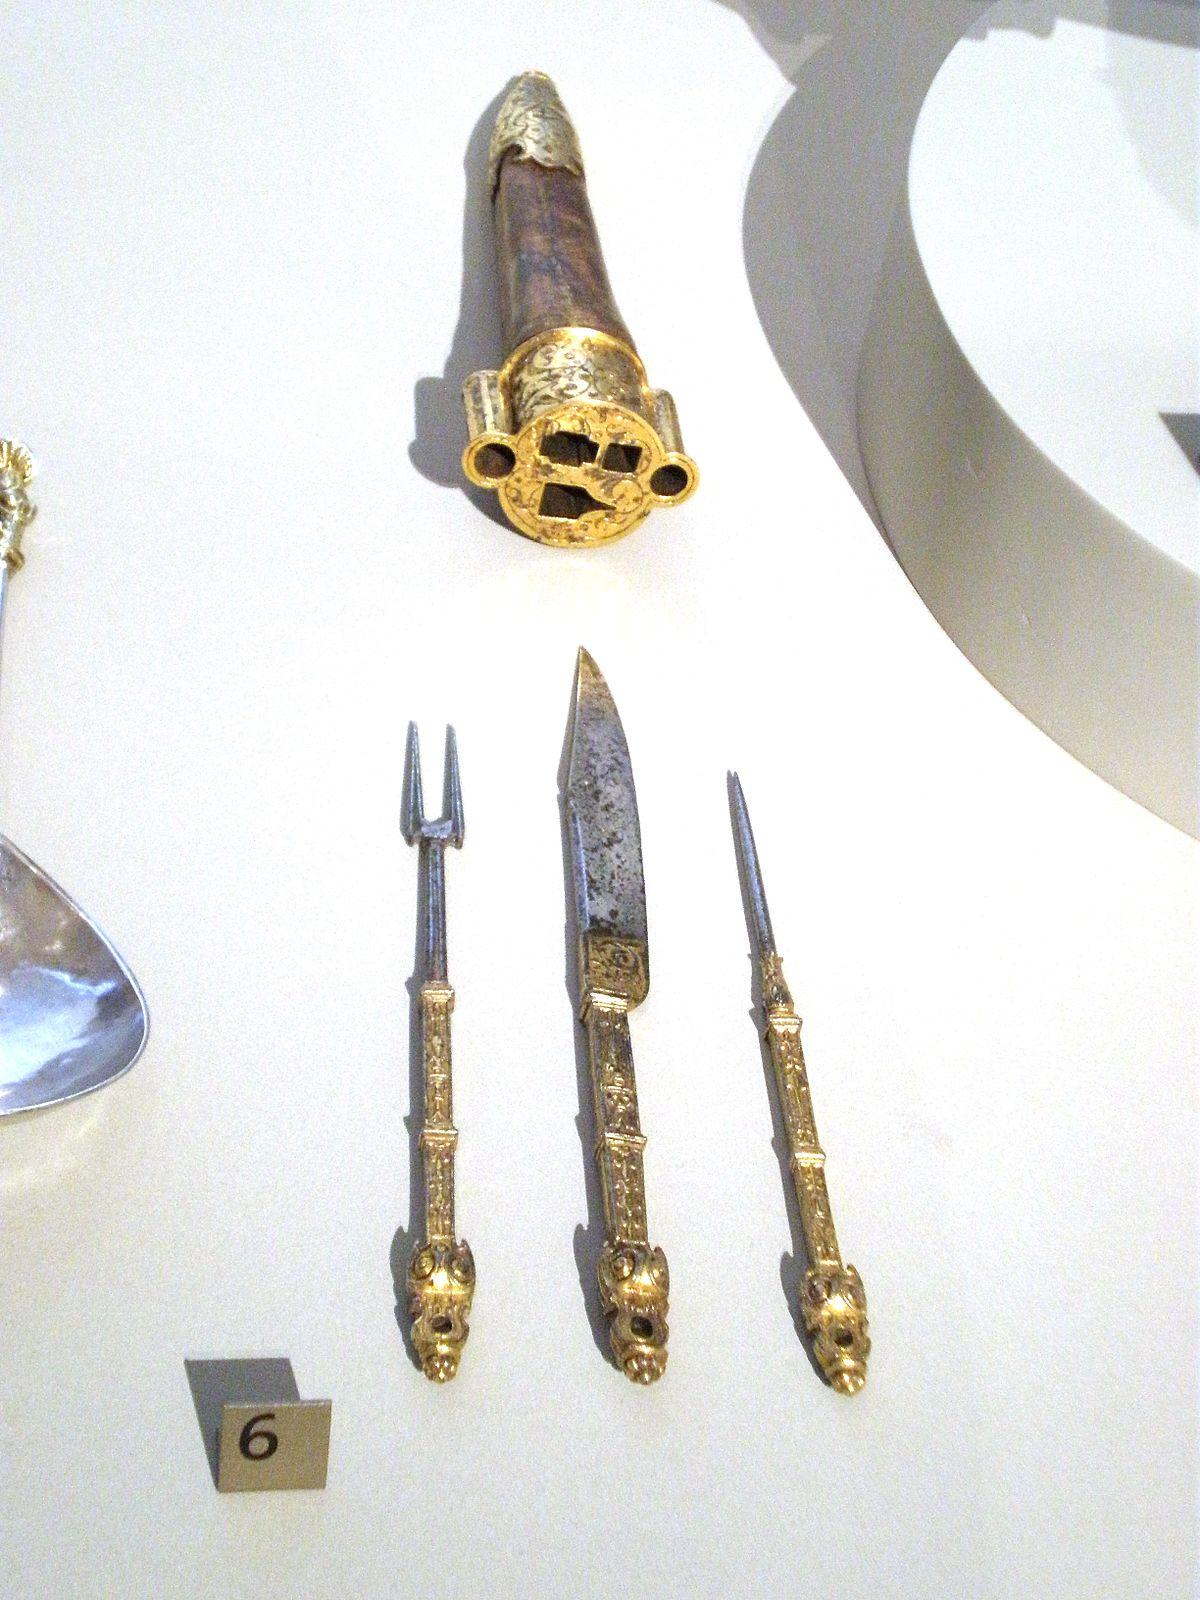 Cutlery - Wikipedia